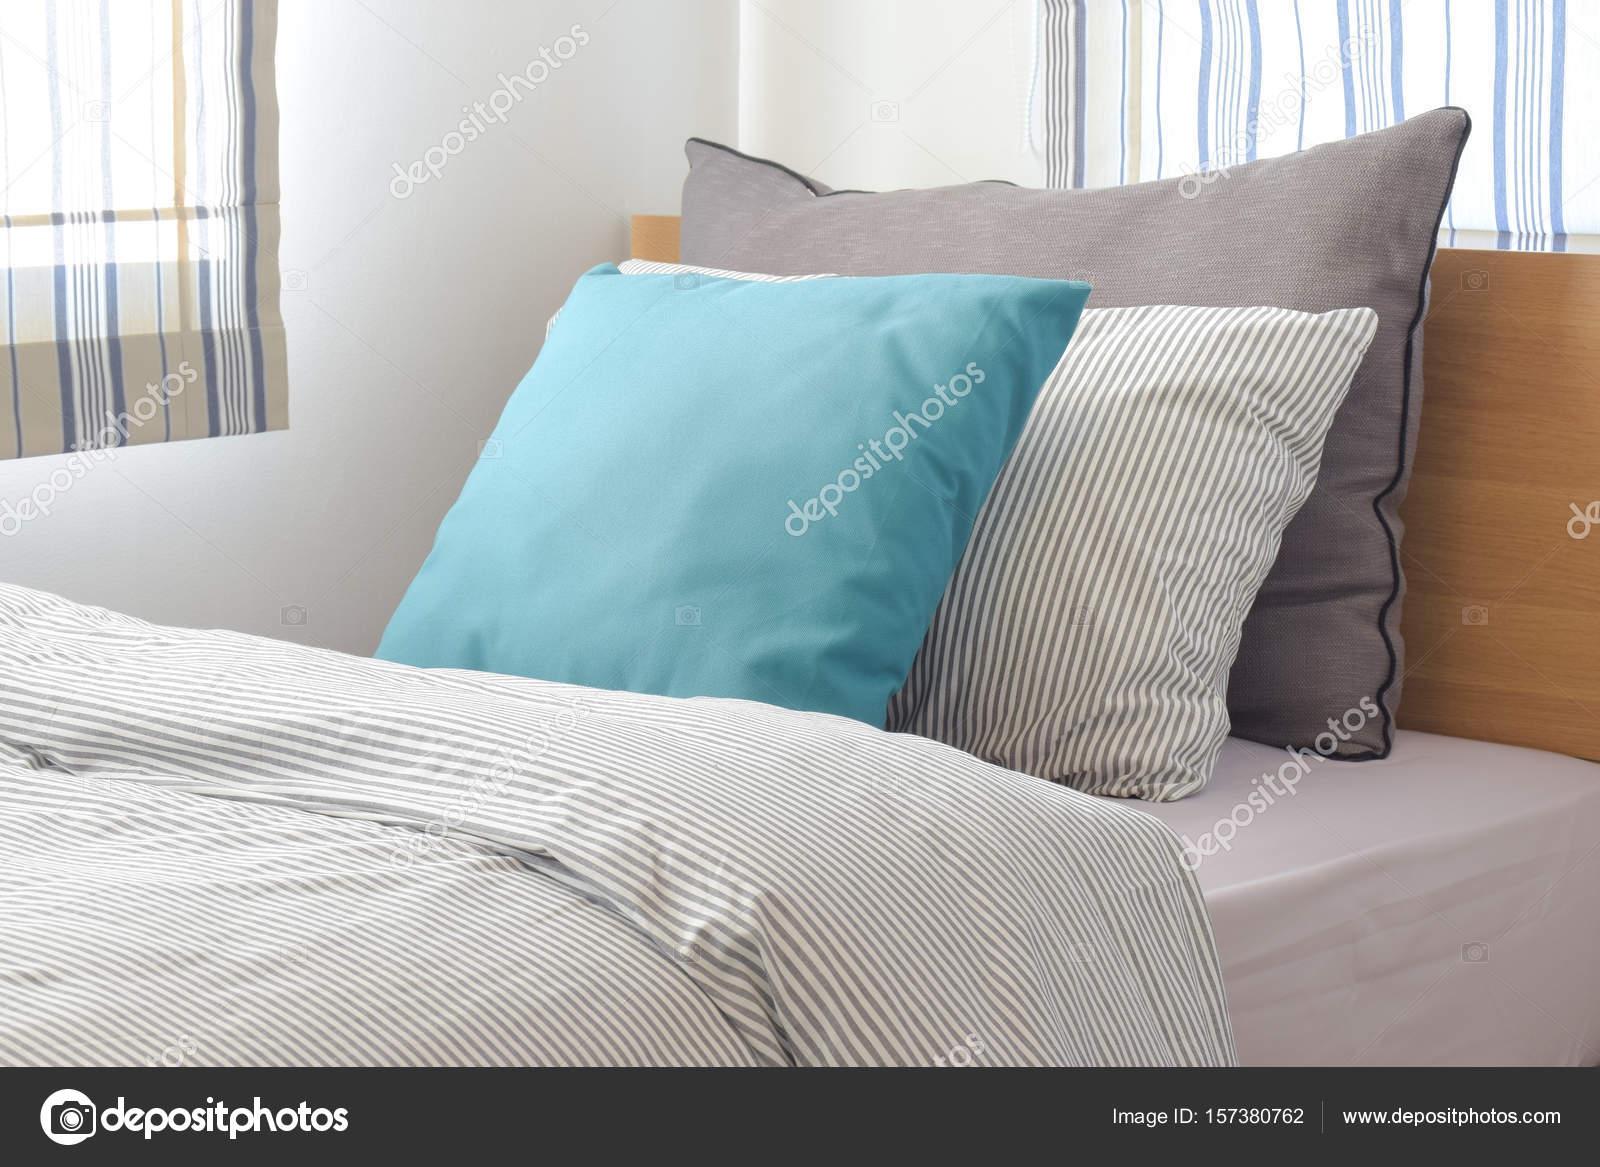 Piumino Letto Turchese : Turchese e grigio cuscino sul letto con biancheria da letto stile